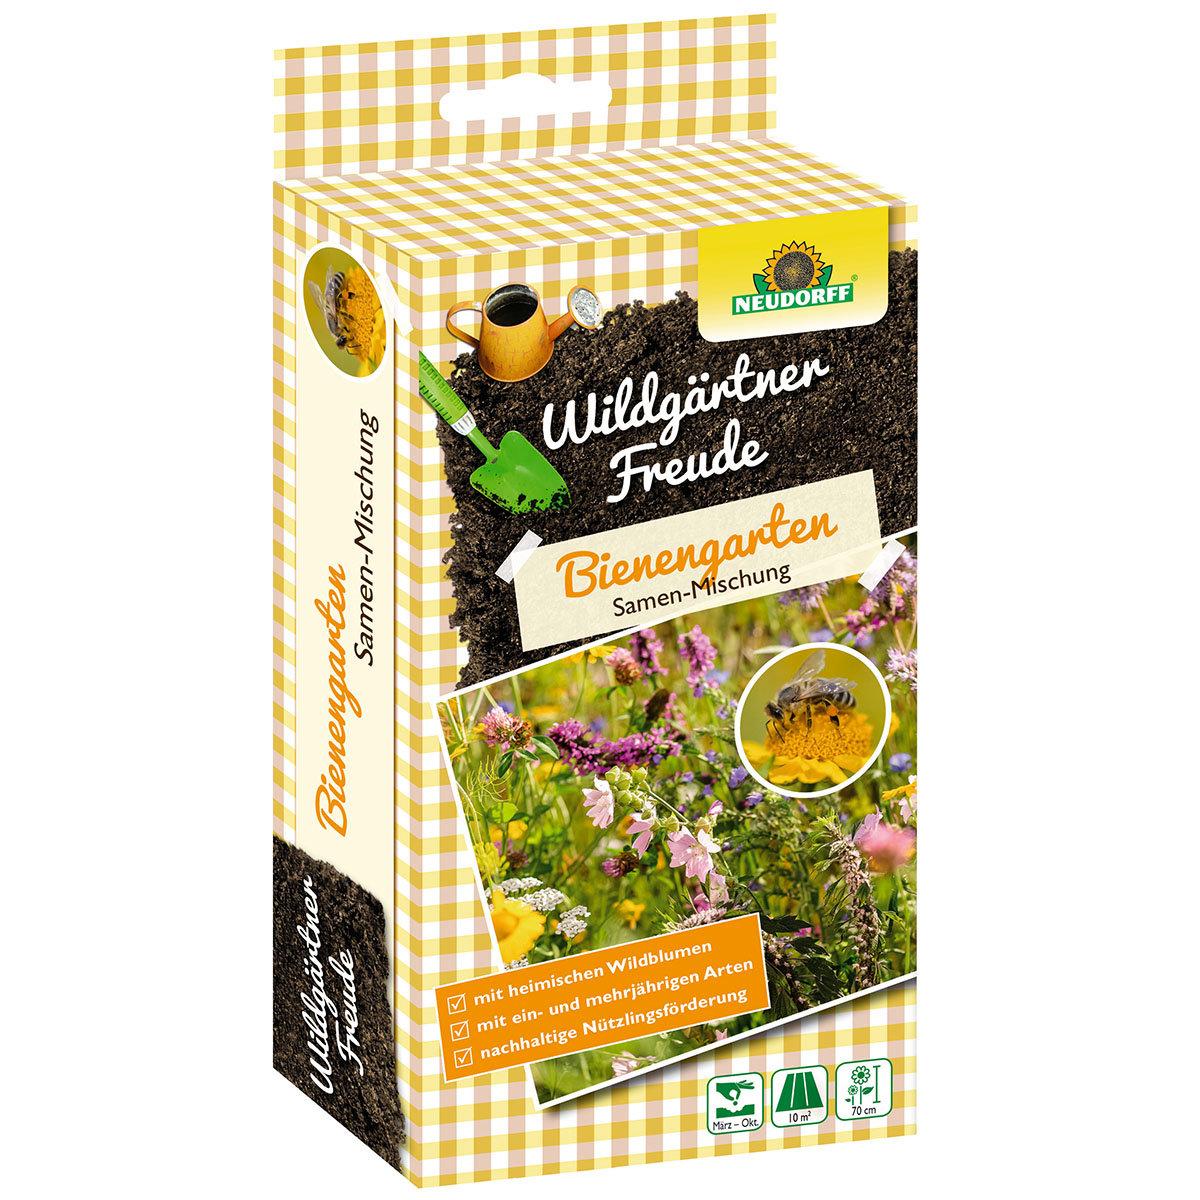 Wildgärtner Freude Bienengarten, 50 g